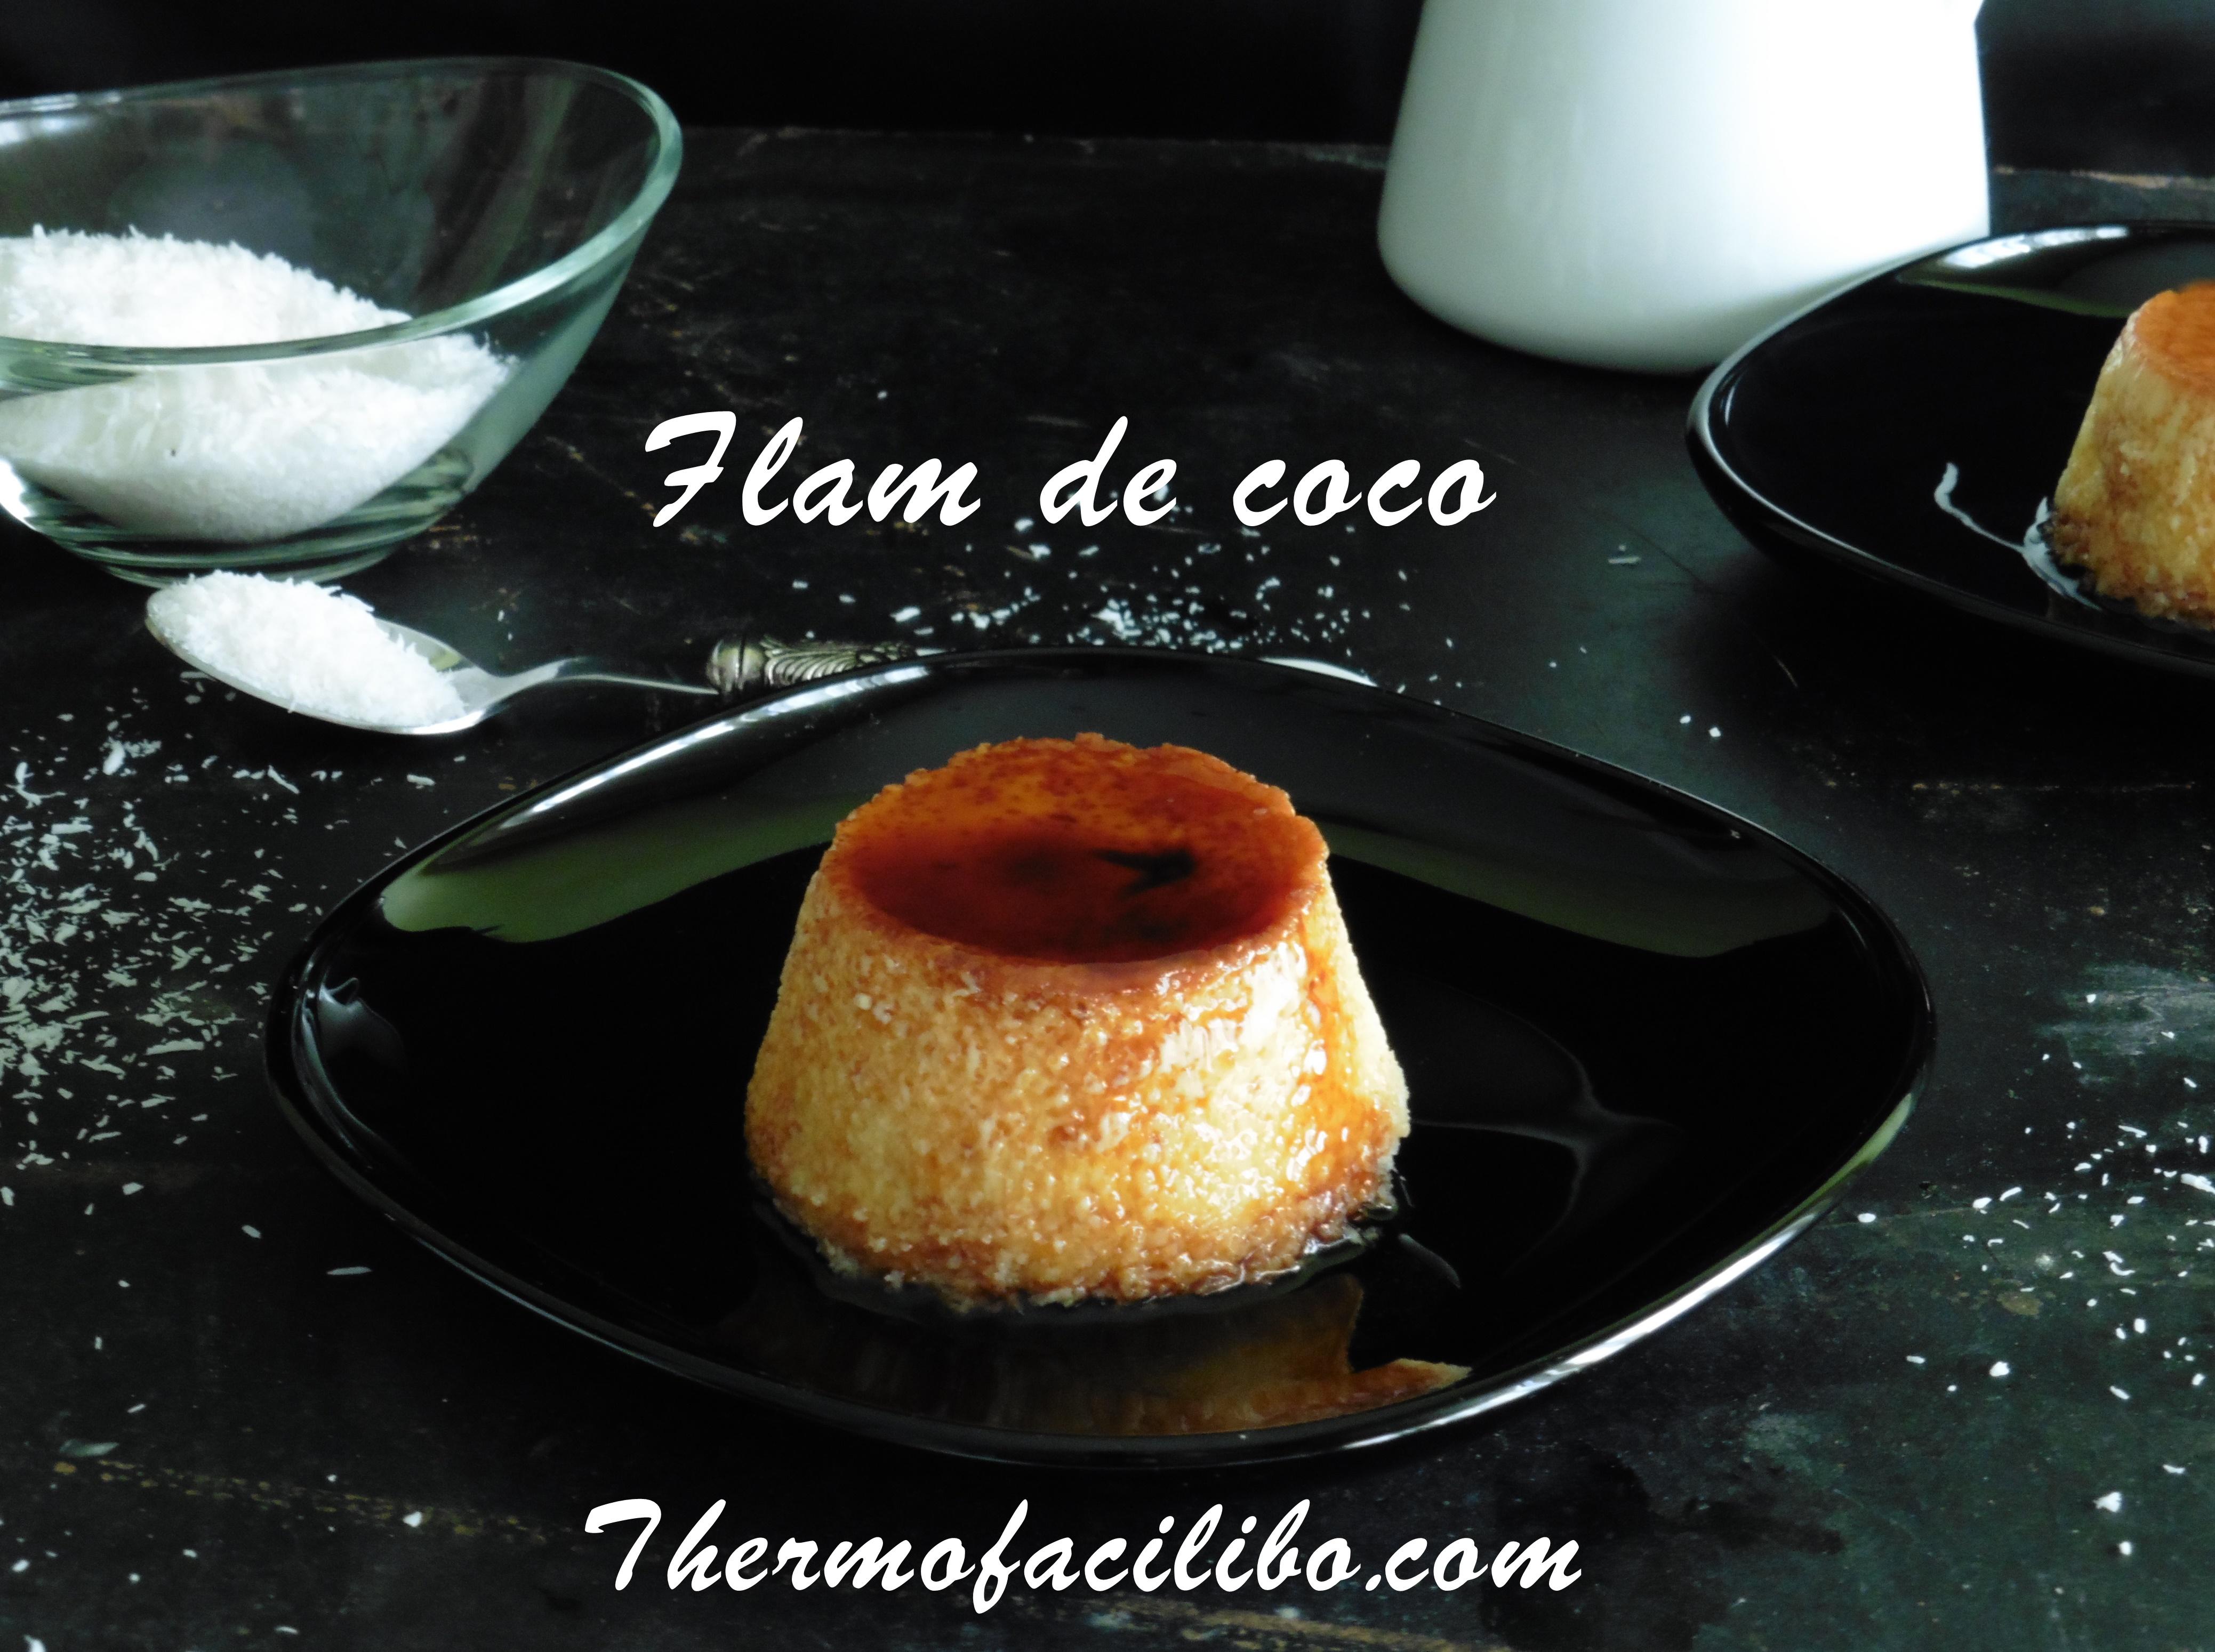 Flam de coco